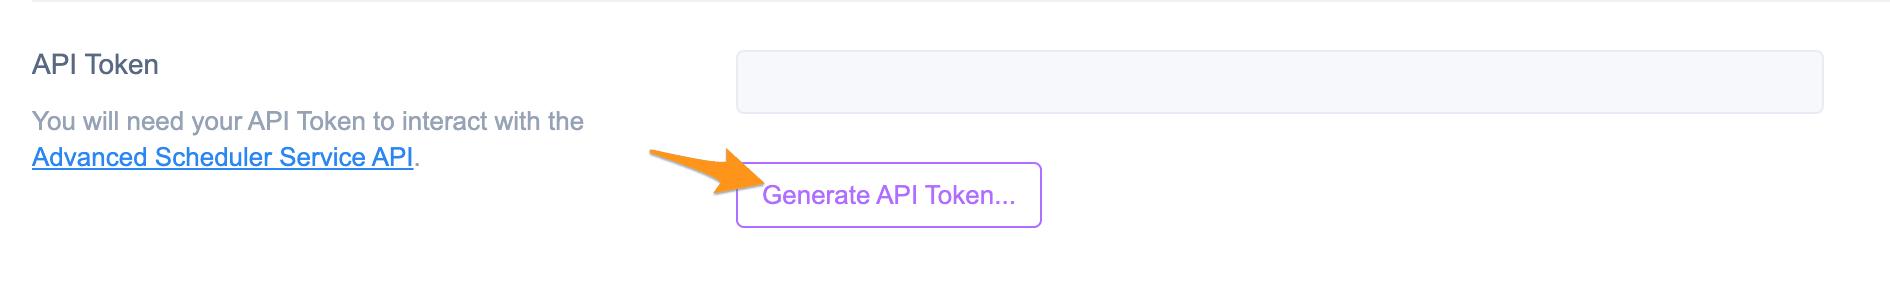 Generate API Token